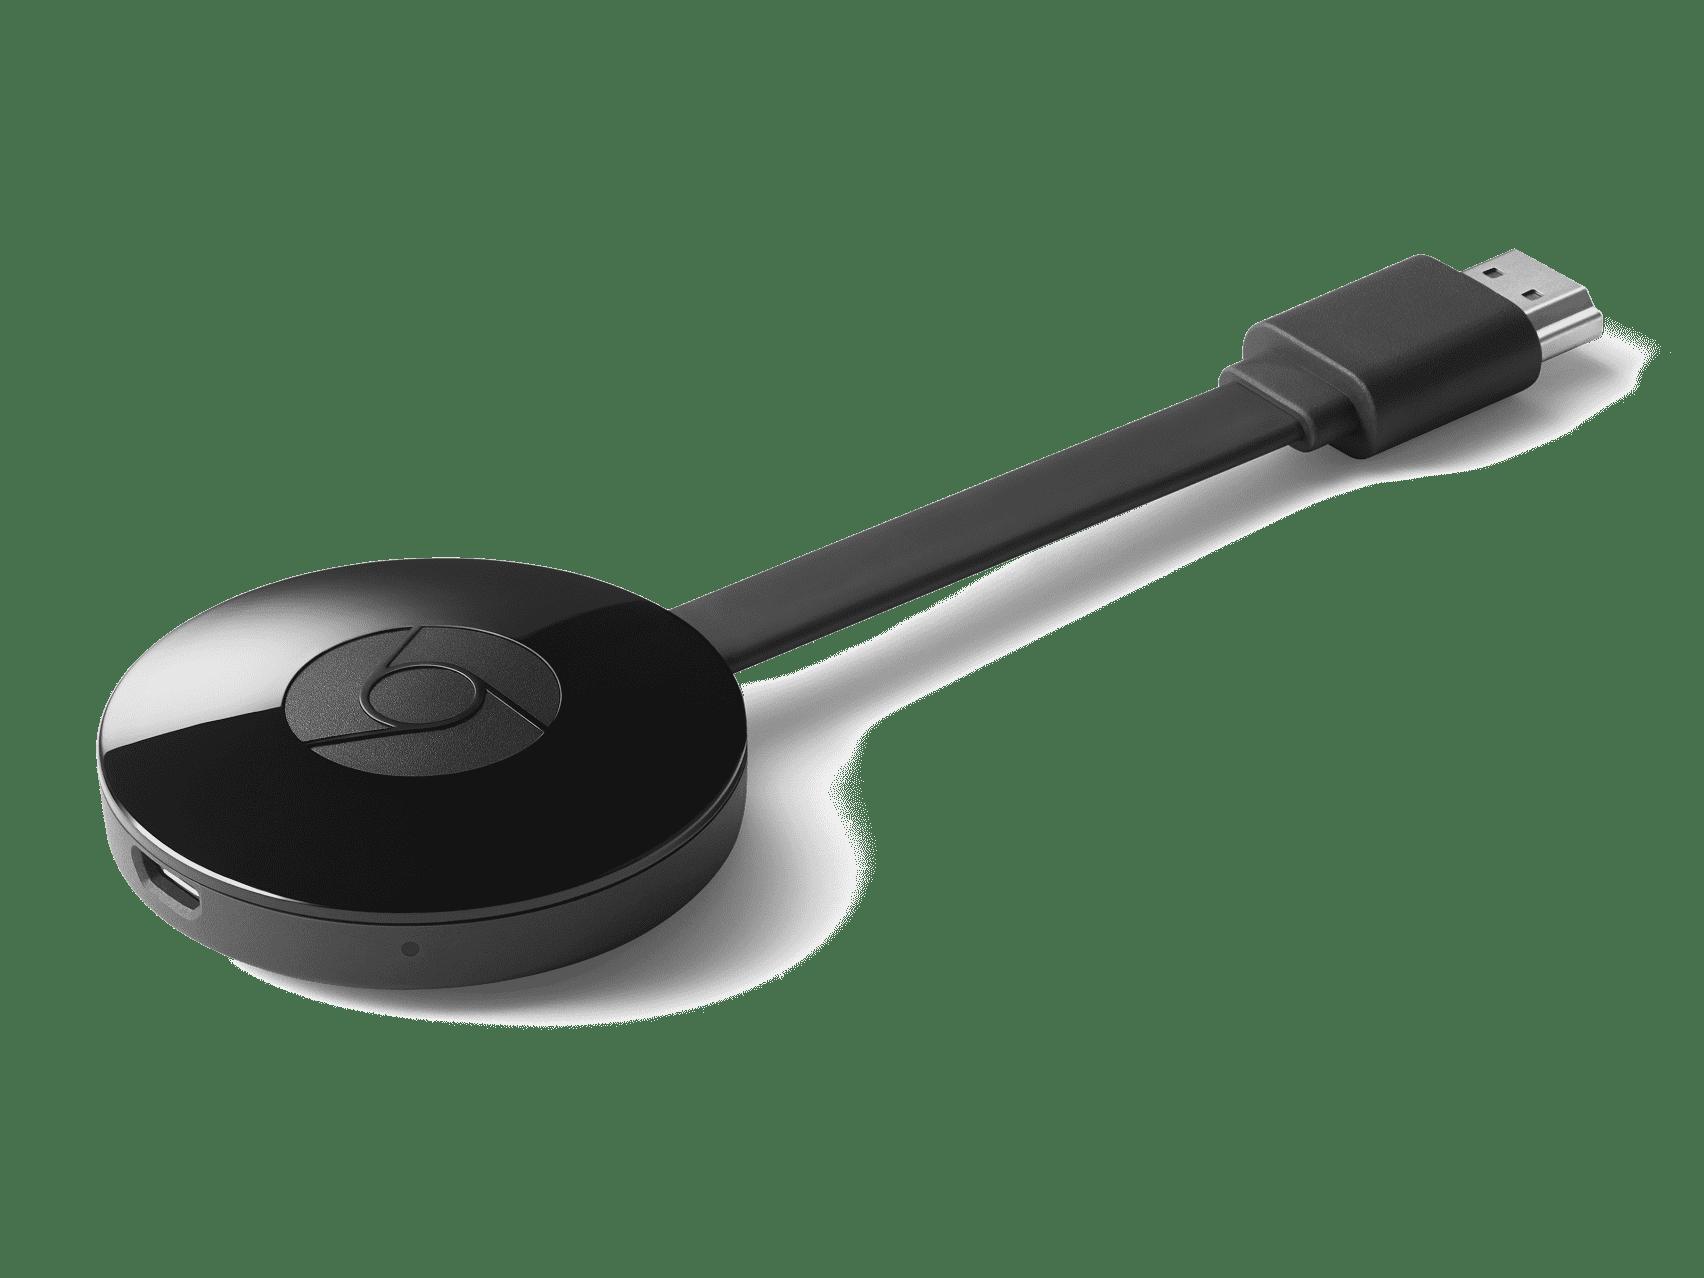 Google Chromecast 2015 Zwart Rudybuitb Userreviews